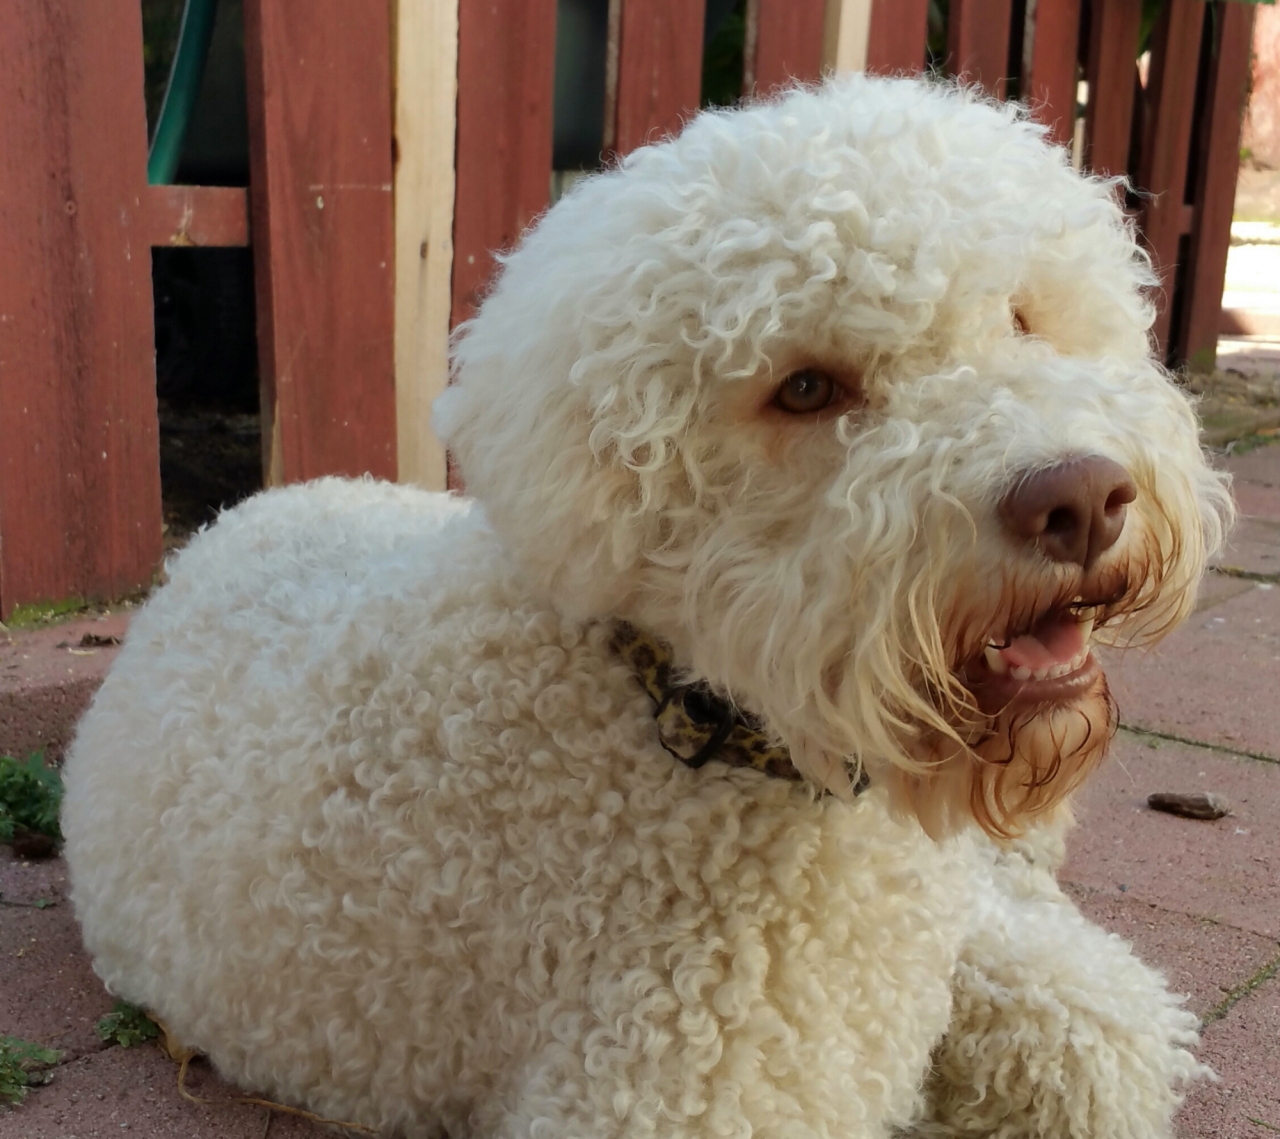 Лаготто романьоло: описание единственной в мире собаки, умеющей искать трюфели